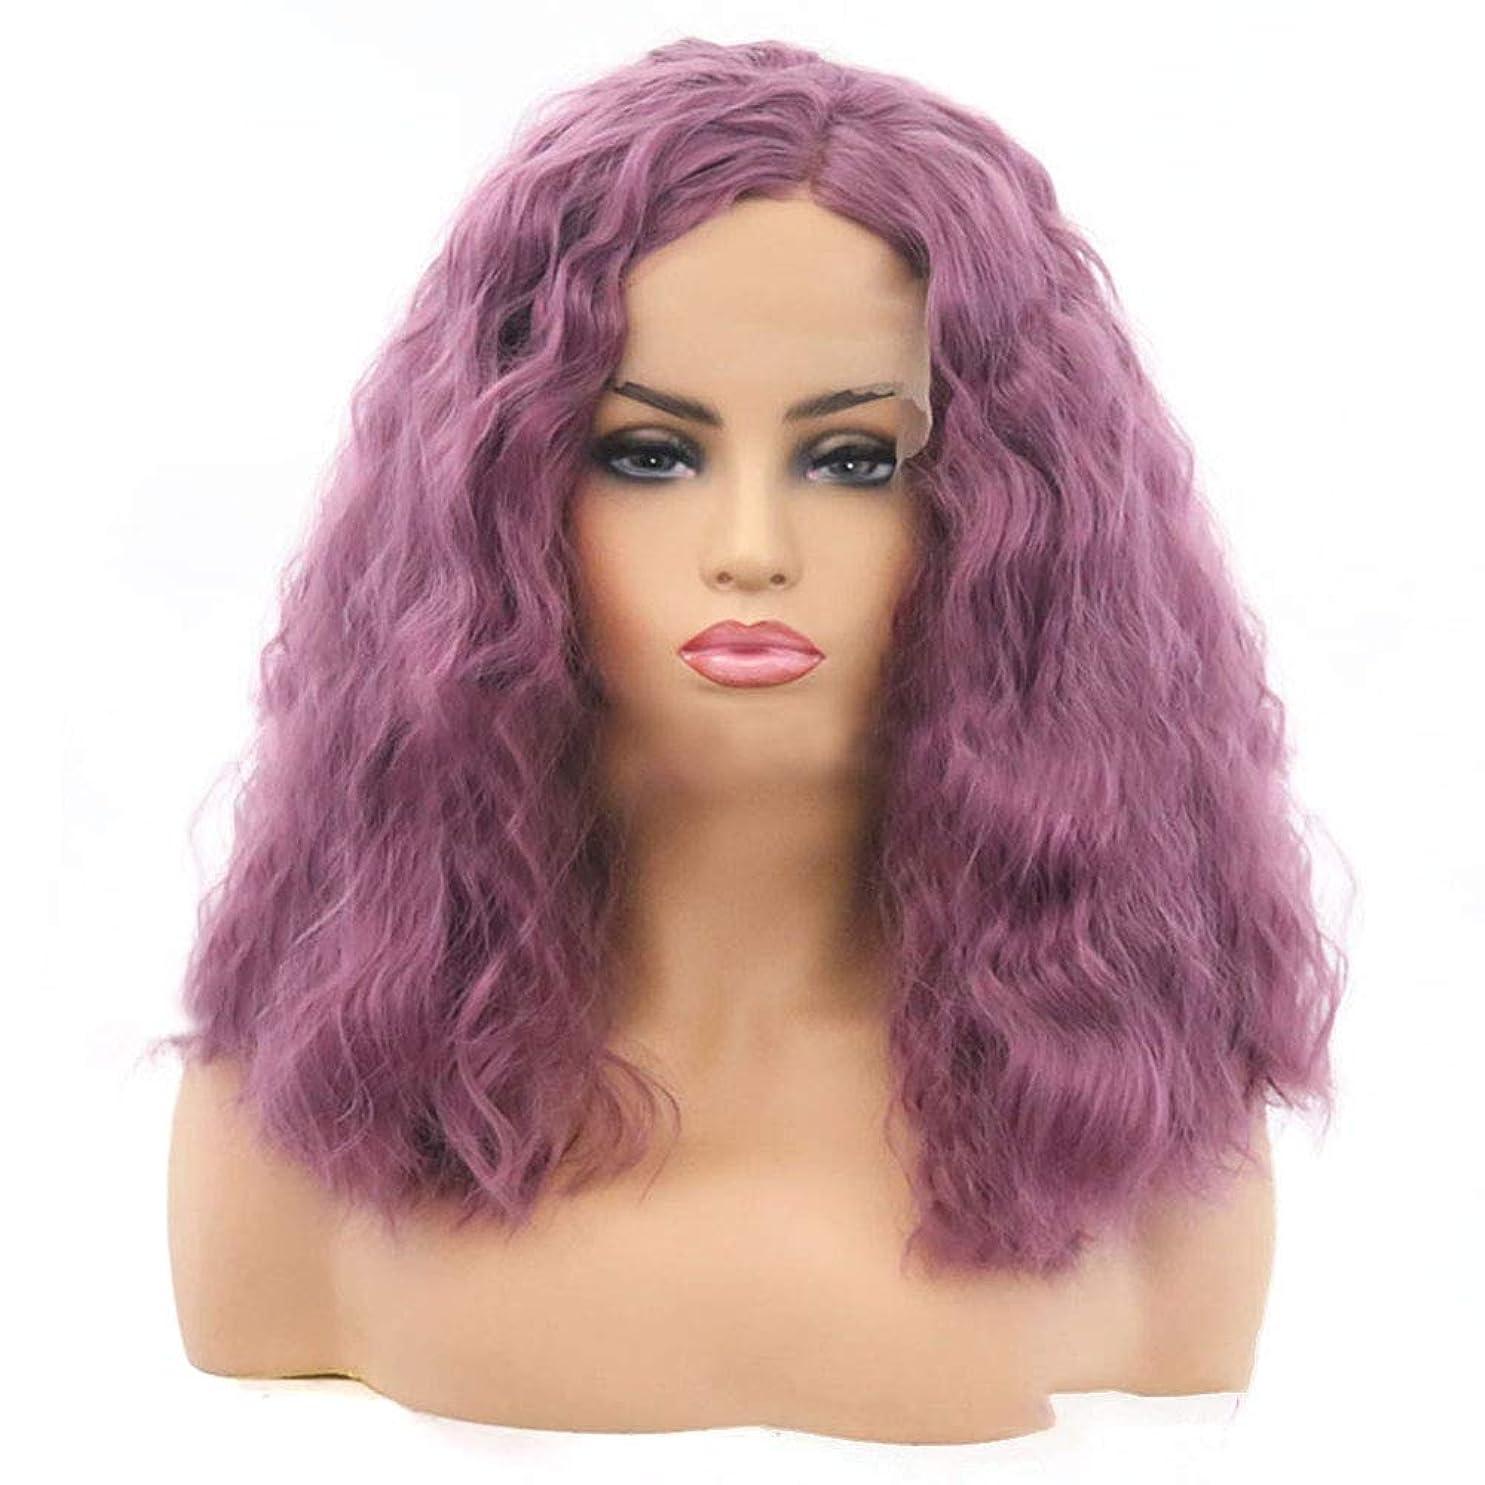 振りかけるアテンダントおじいちゃんYrattary 女性のかつらトウモロコシホットロングヘアーふわふわ小ボリュームパープルショートカーリーヘアーケミカルファイバーヘアーウィッグ複合ヘアレースウィッグロールプレイングウィッグ (色 : 紫の, サイズ : 14 inches)